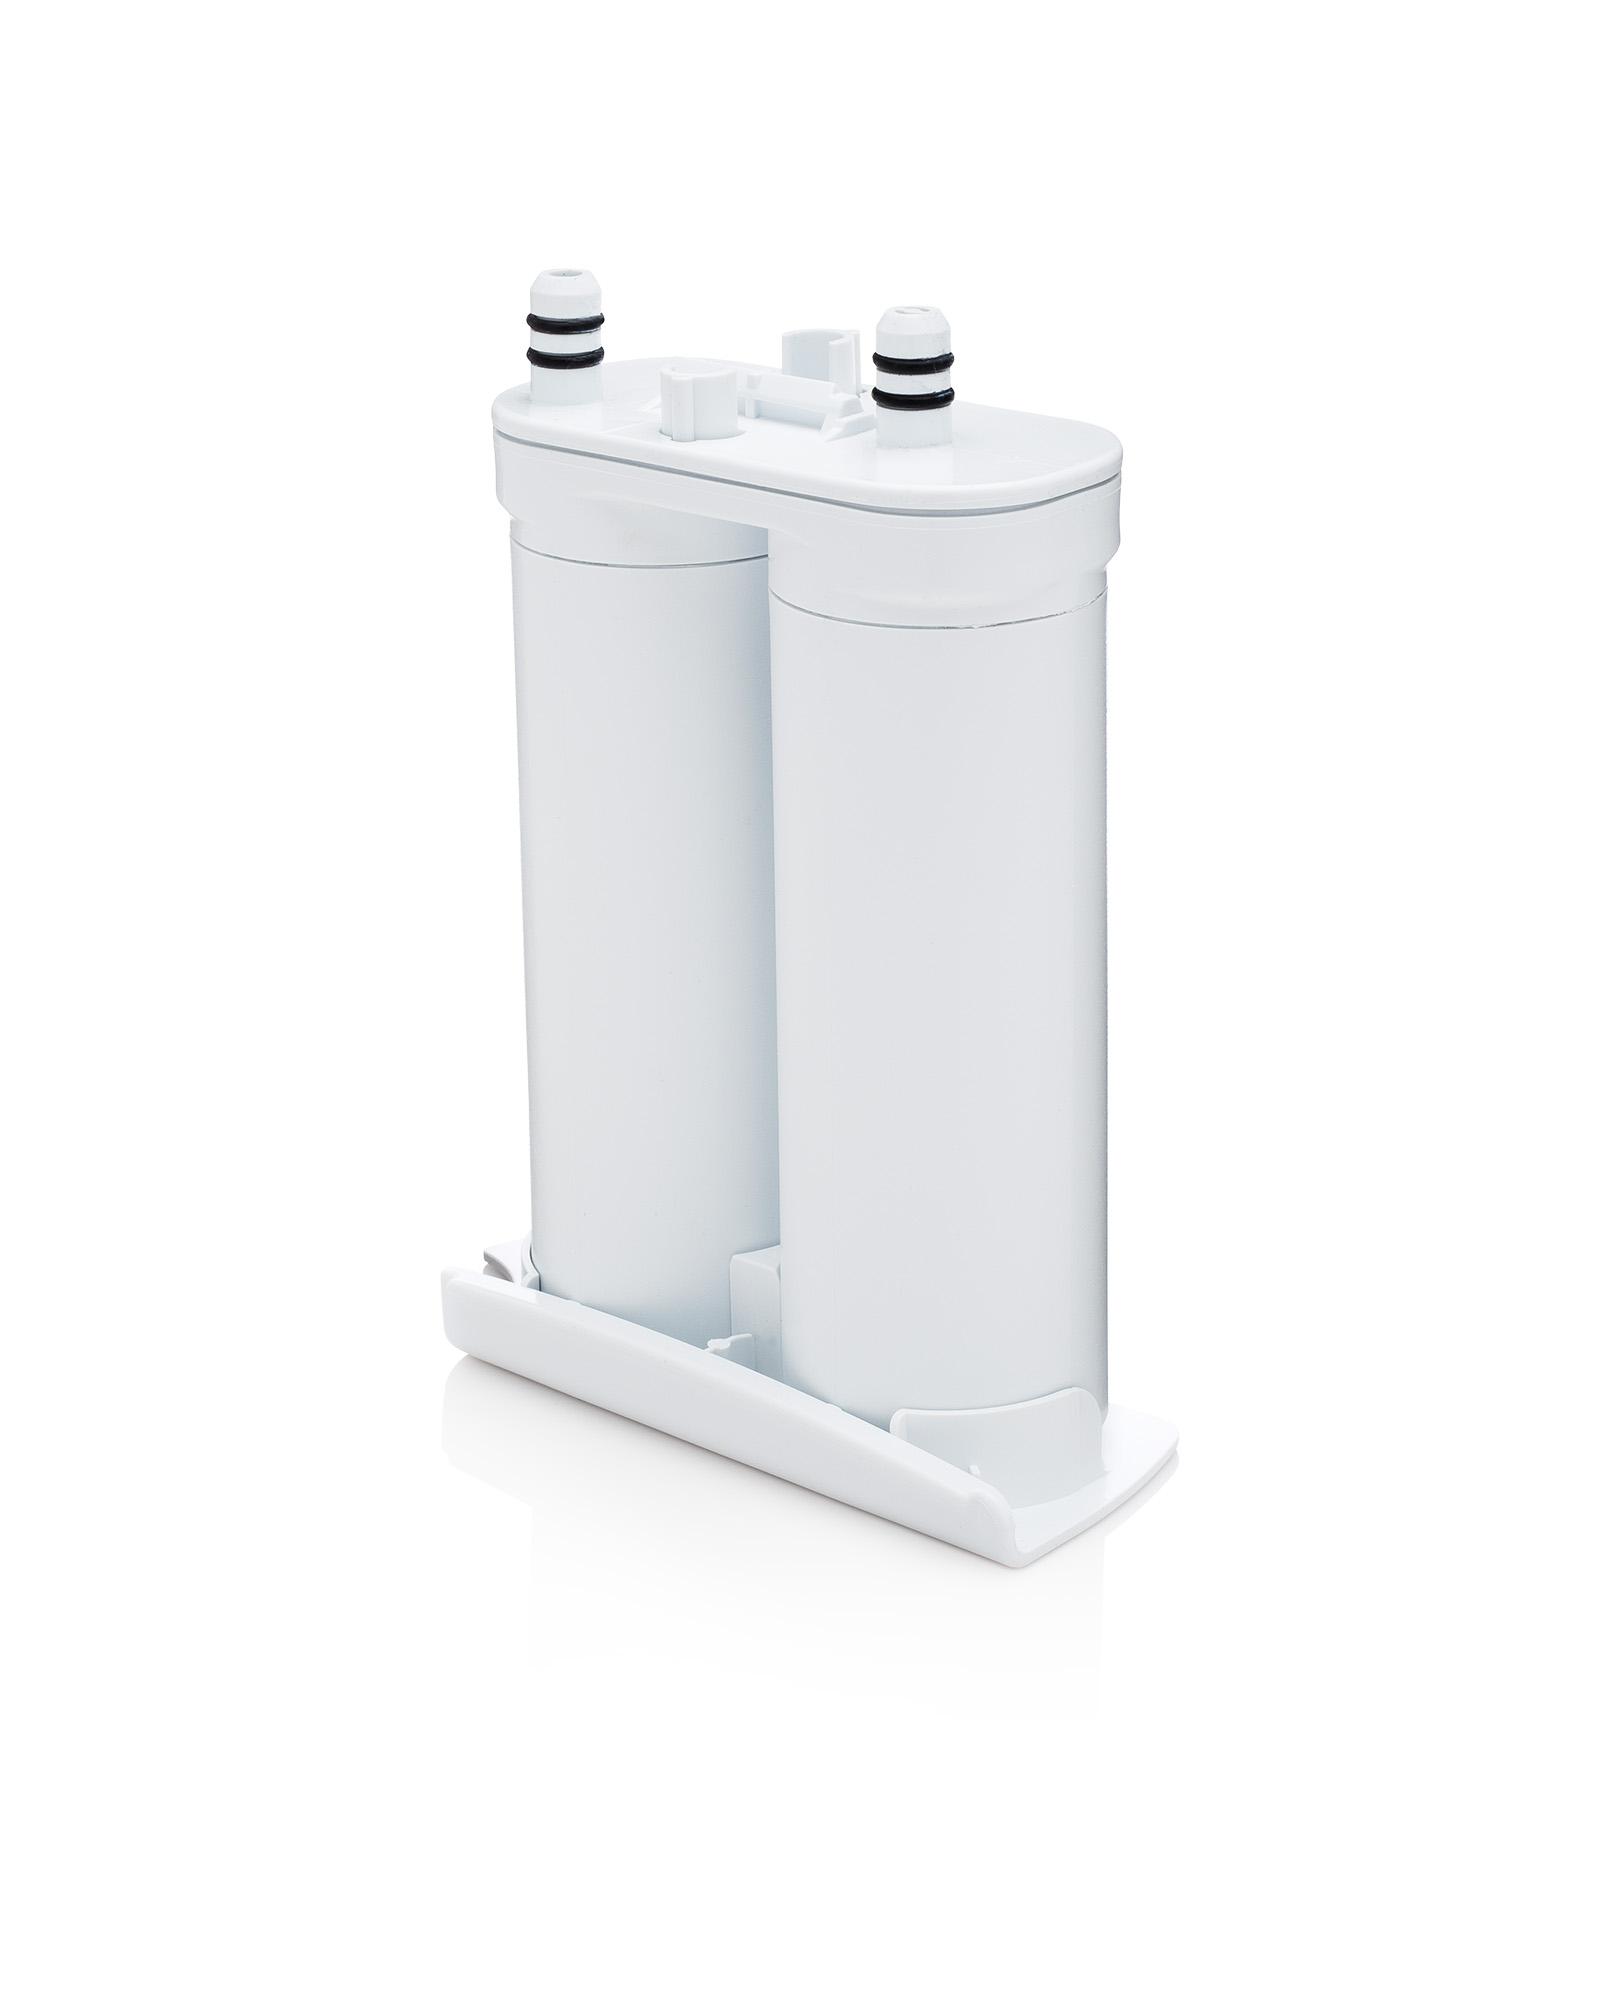 Sears Kenmore Elite Refrigerator Water Filters